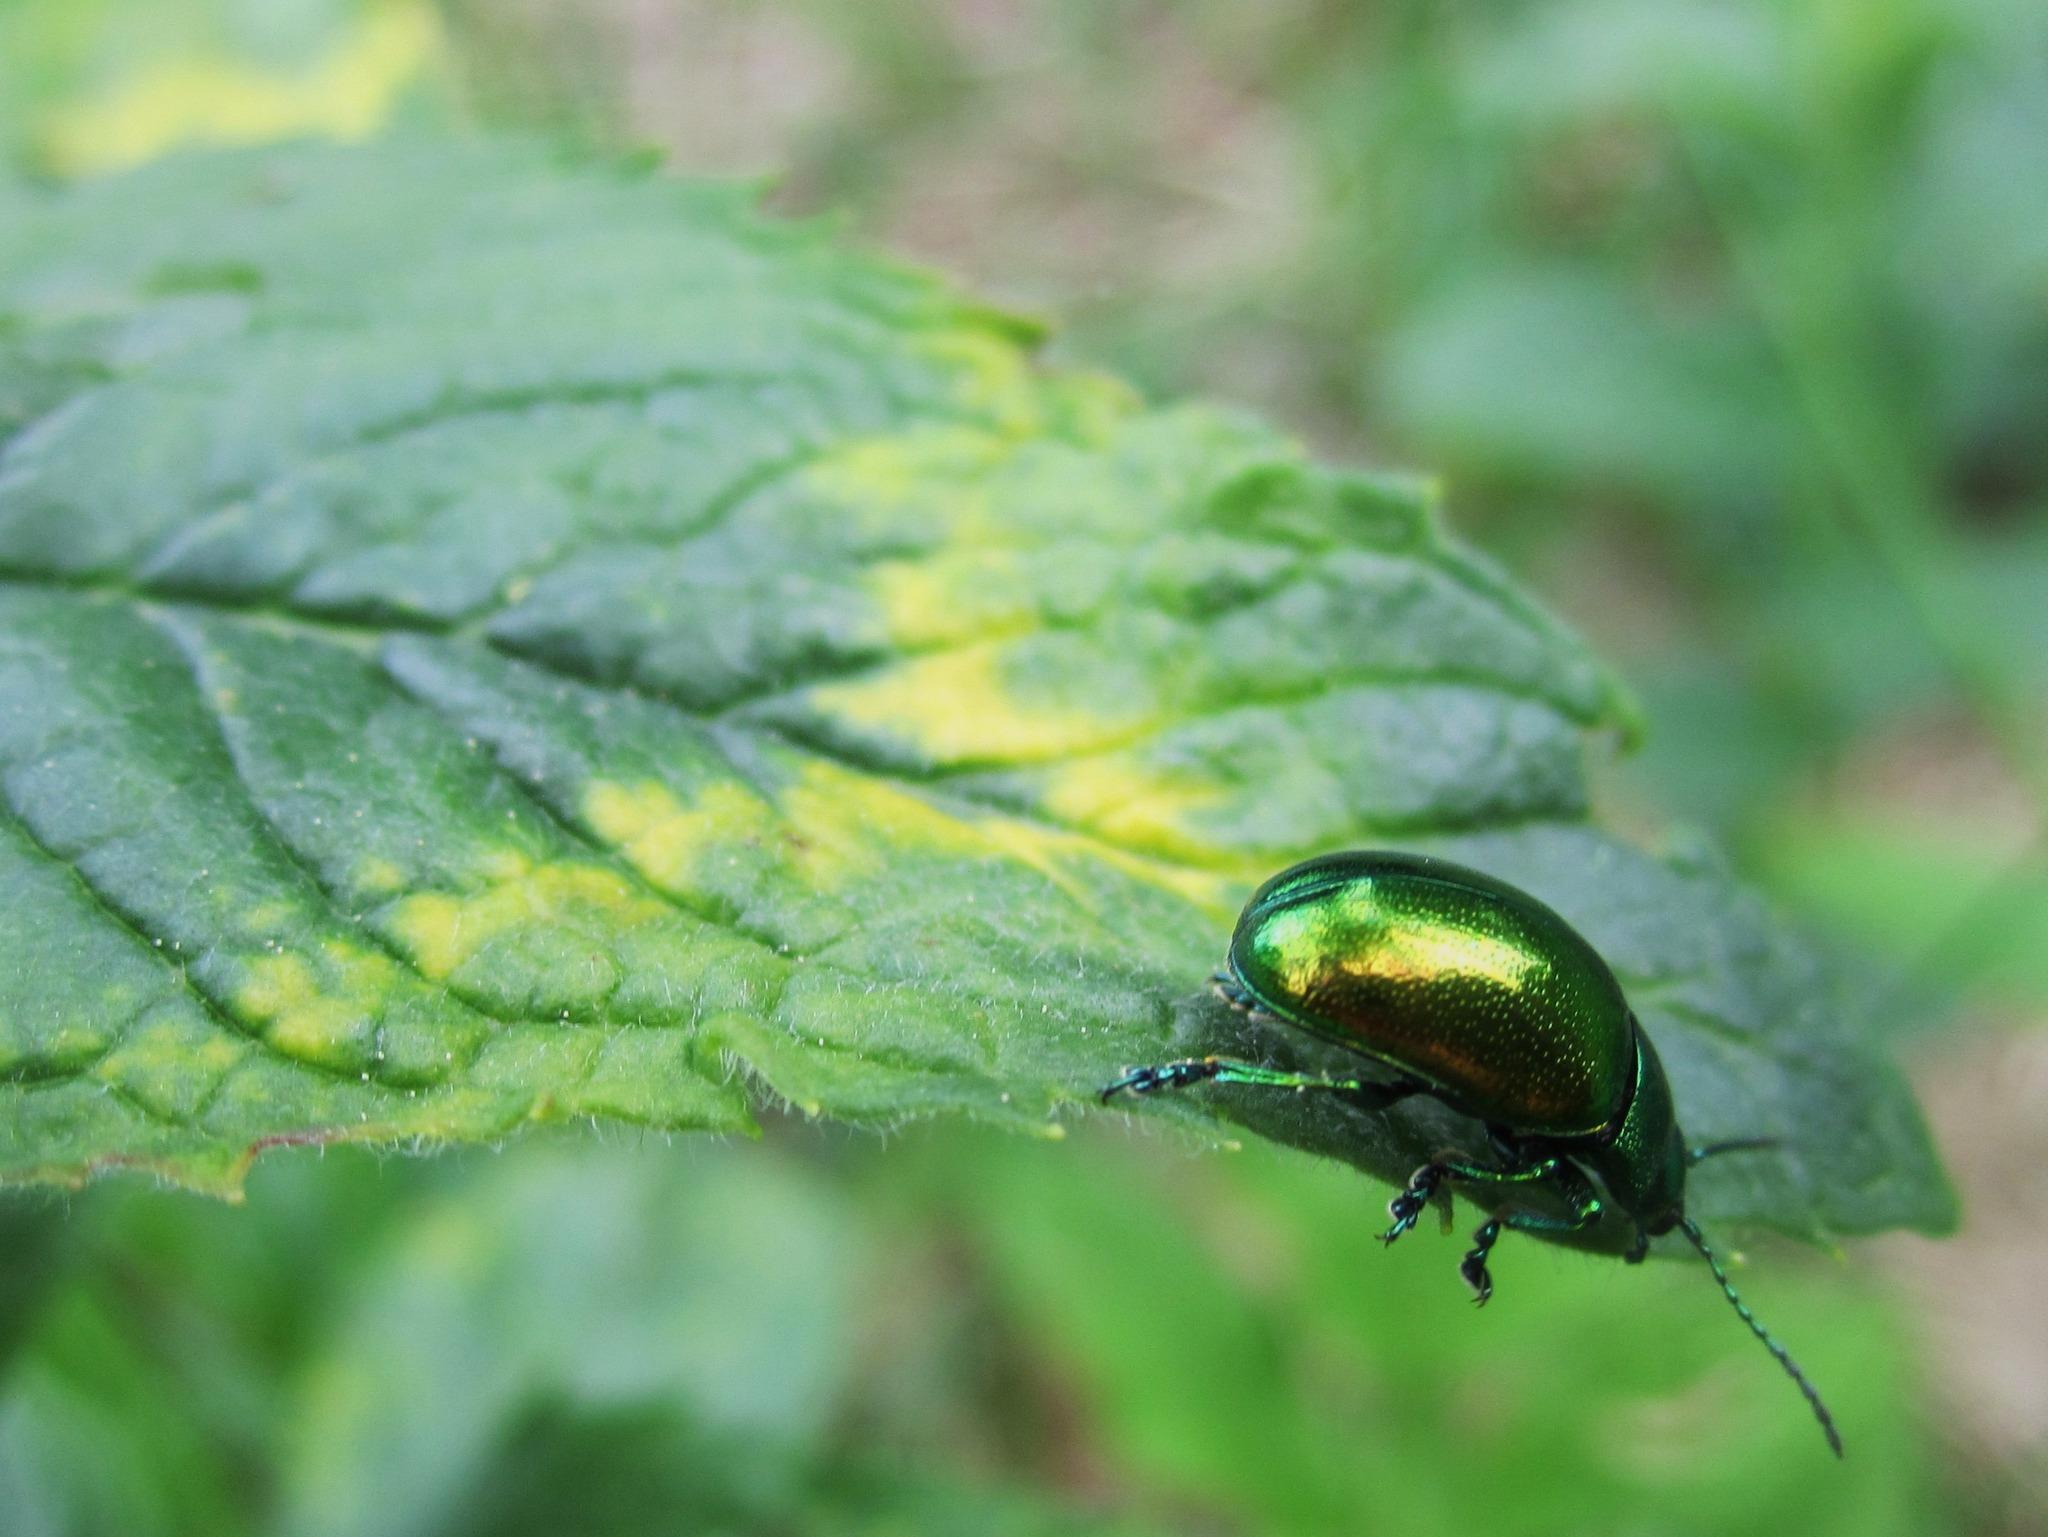 Grün schillerndes Käfer`l auf Entdeckungsreise. - Vöcklabruck